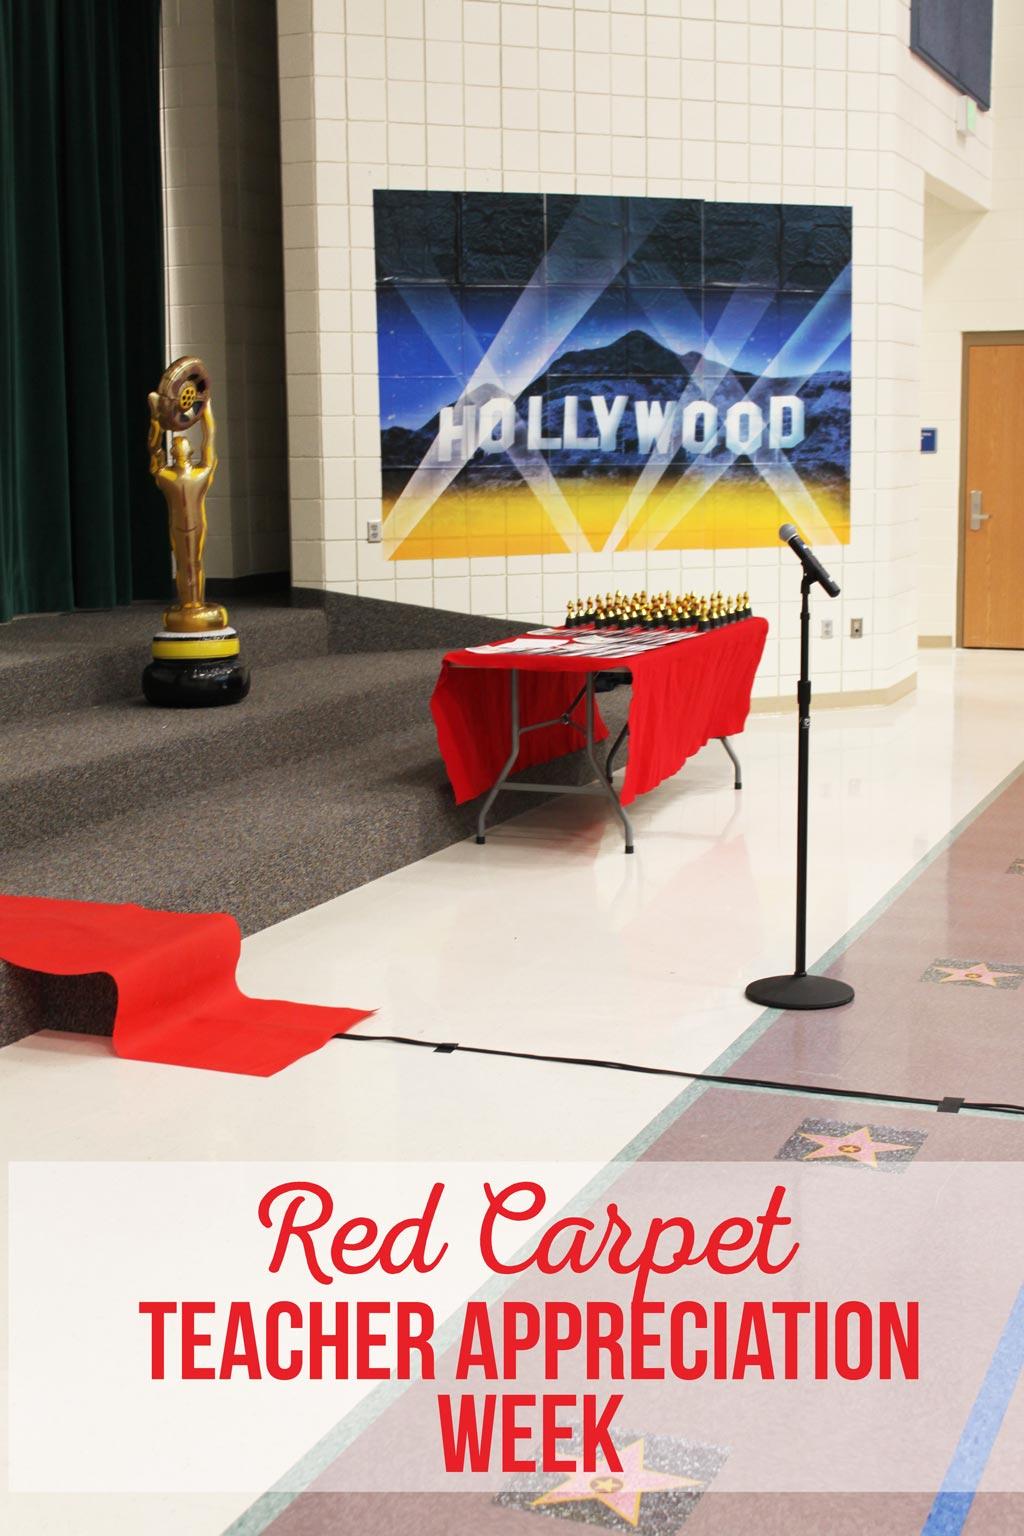 Red Carpet Teacher Appreciation Week   PTA Assembly   Decor   School   Teacher Gifts